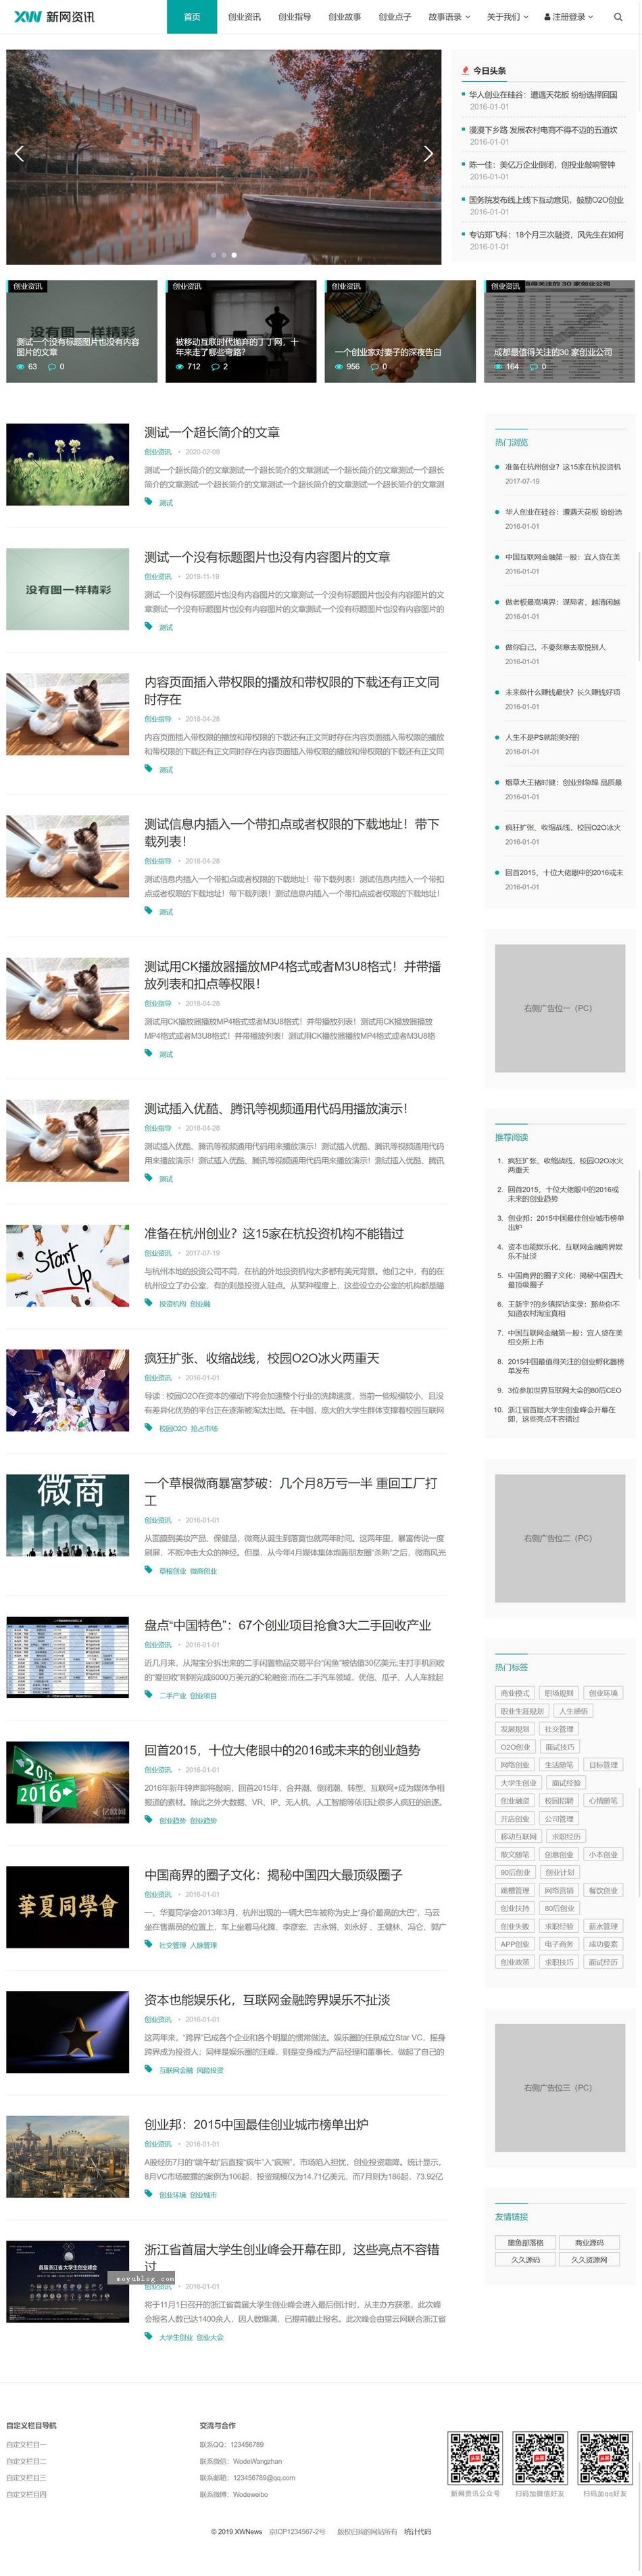 自适应手机HTML5帝国CMS模板新闻资讯个人博客工作室视频收费播放下载整站-ecms249